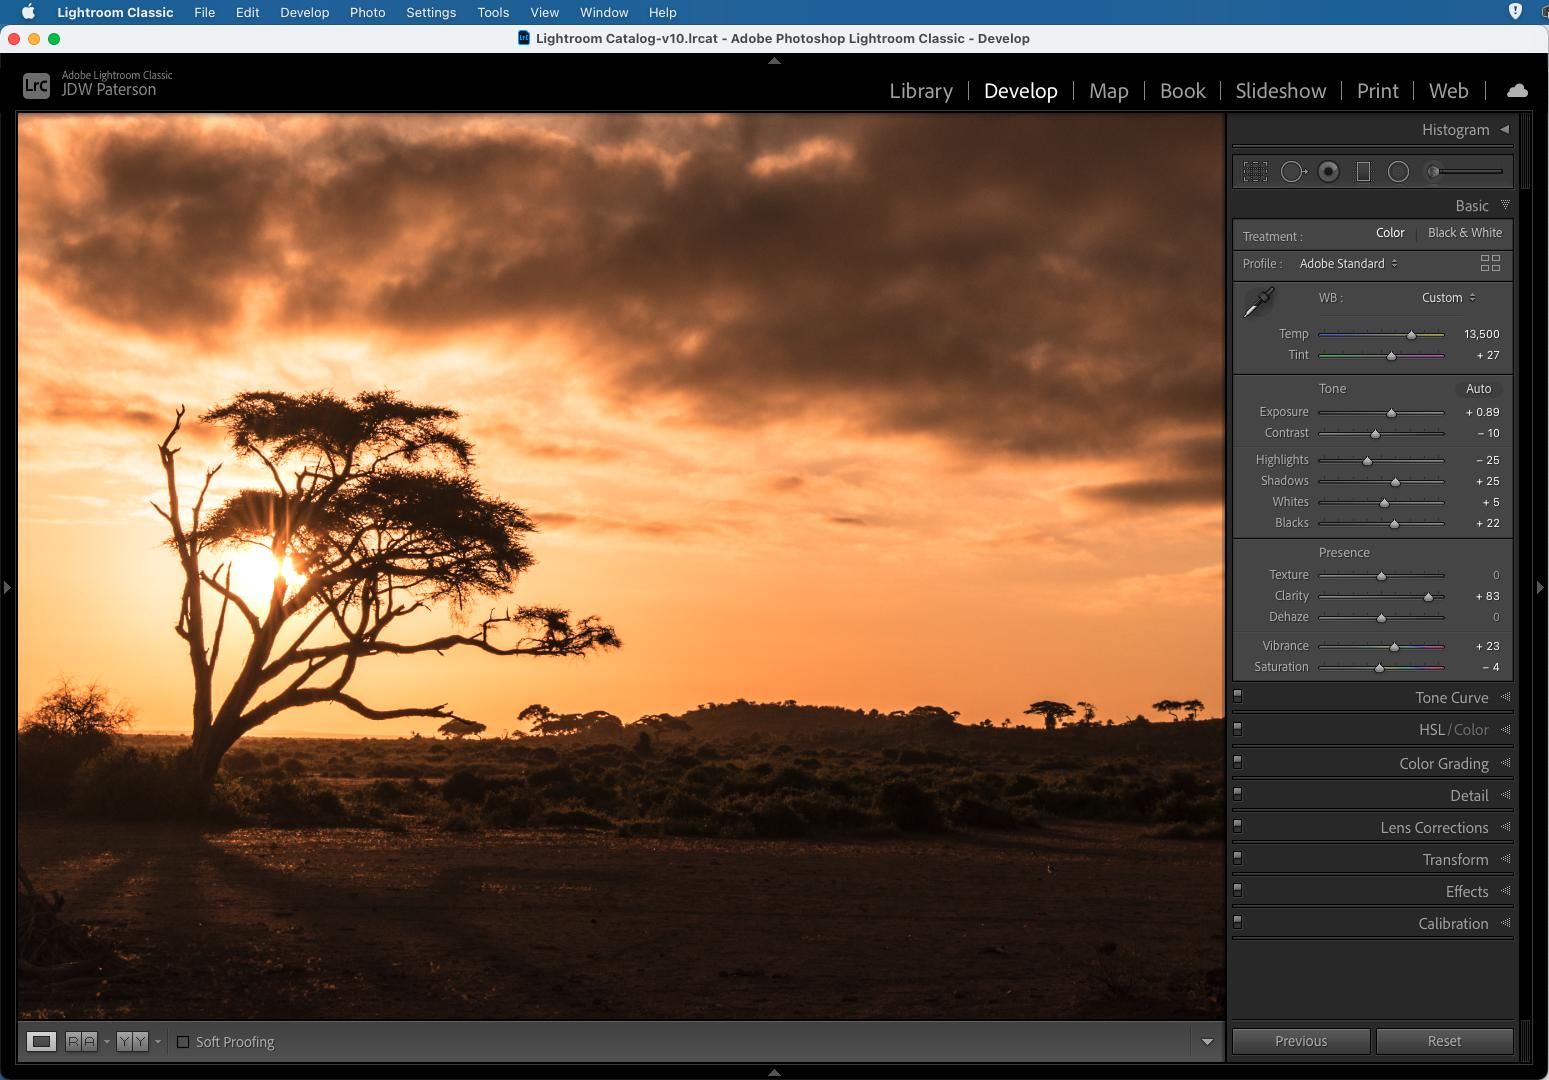 Screenshot showing tonal sliders in Adobe Lightroom